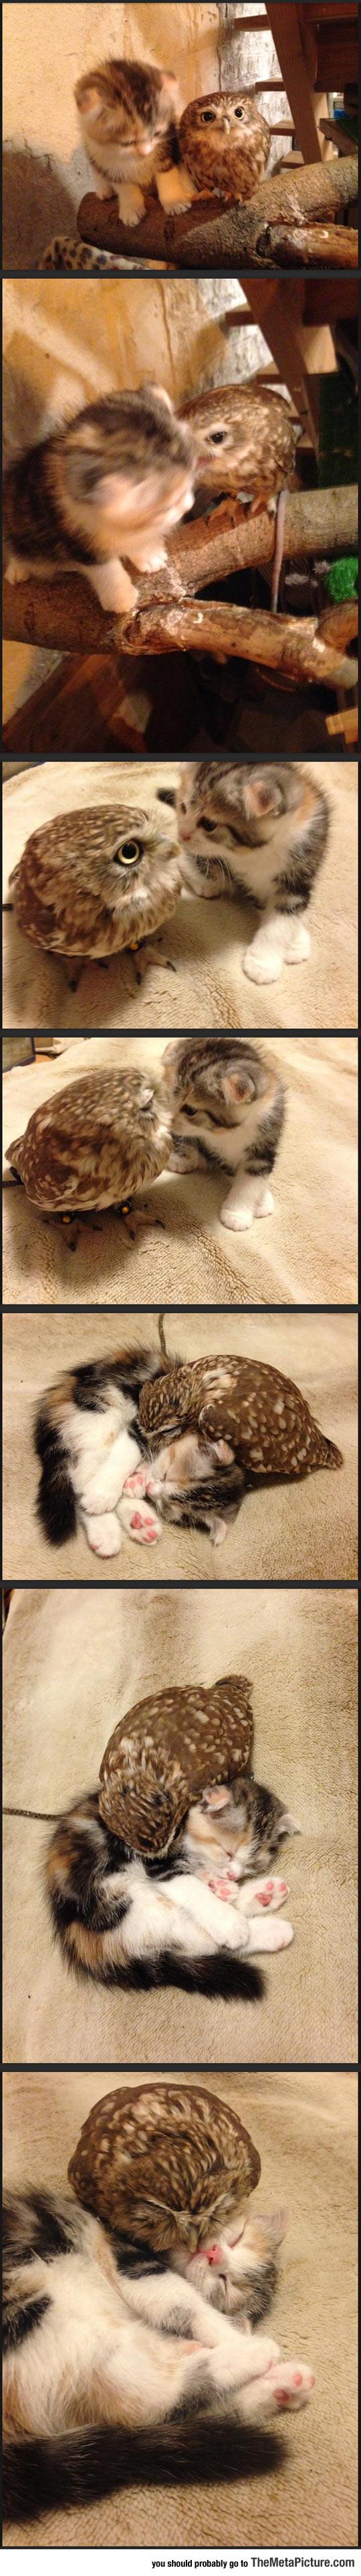 Kitten And Owlet